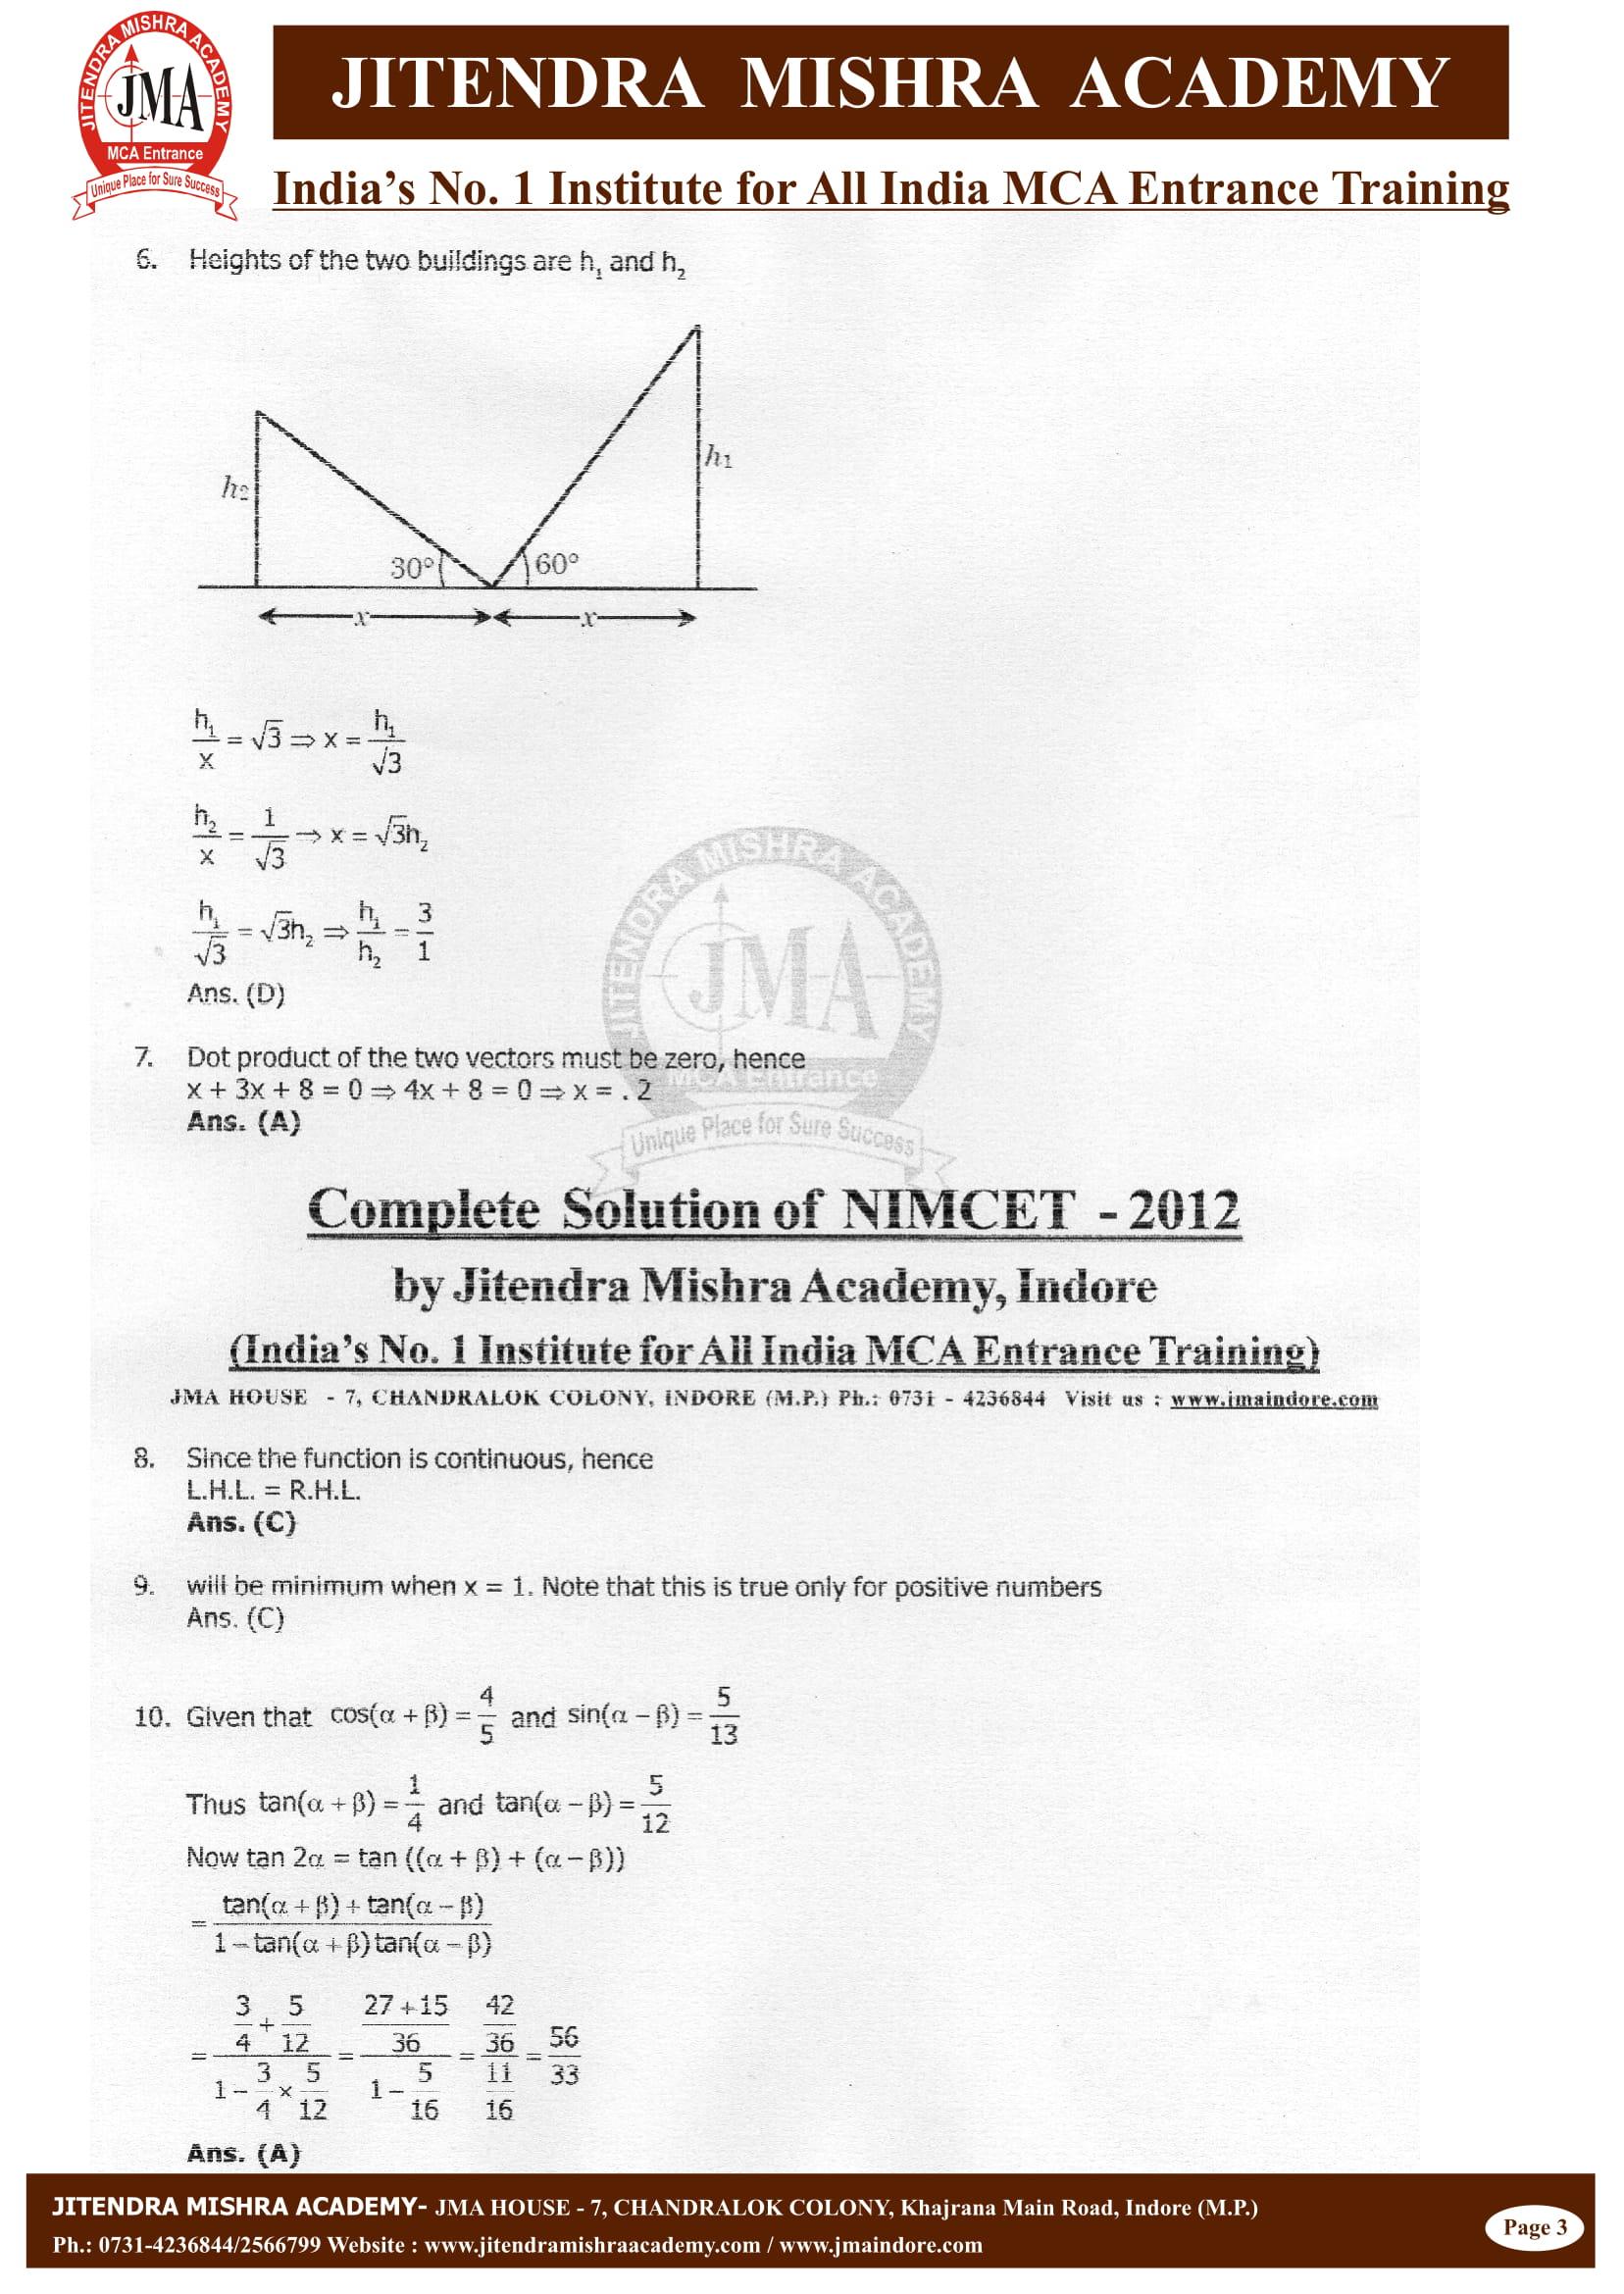 NIMCET - 2012 (SOLUTION)-03